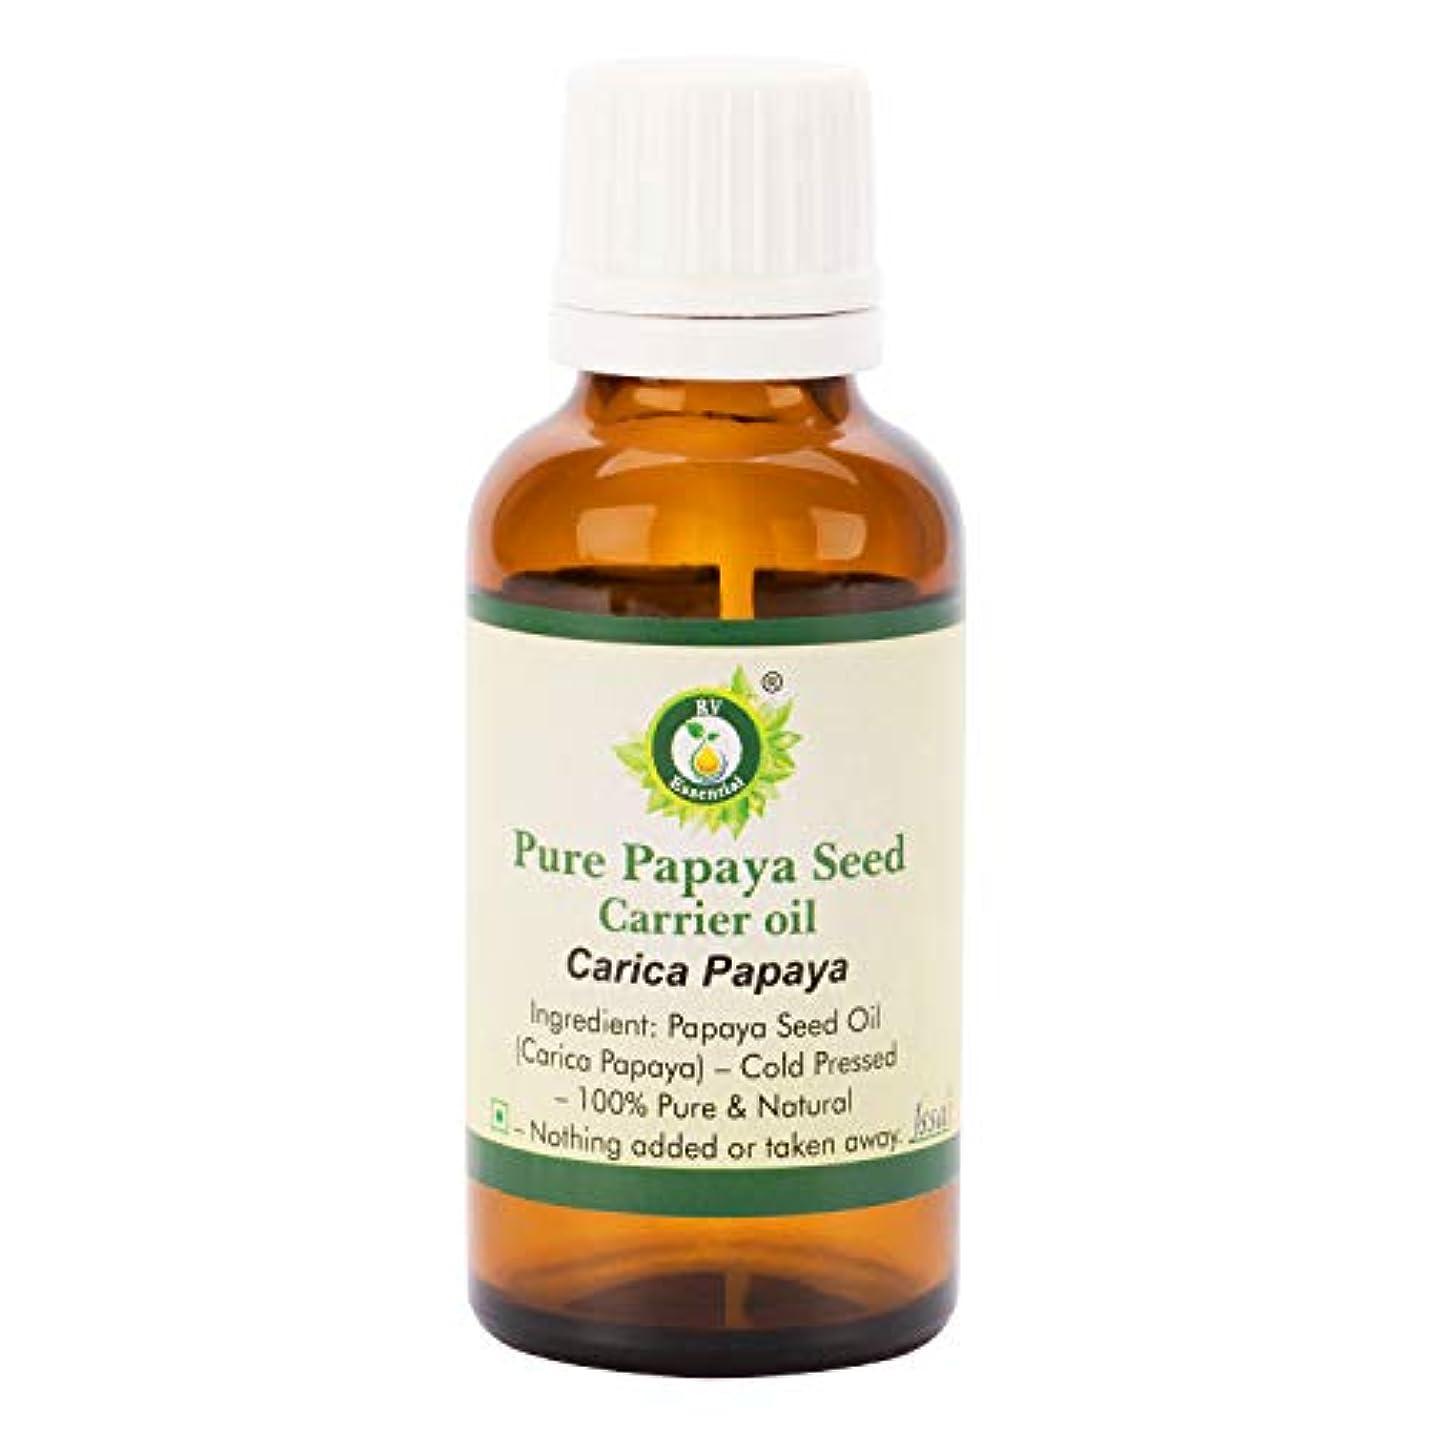 イルシロクマ滅多純粋なパパイヤ種子キャリアオイル5ml (0.169oz)- Carica Papaya (100%ピュア&ナチュラルコールドPressed) Pure Papaya Seed Carrier Oil